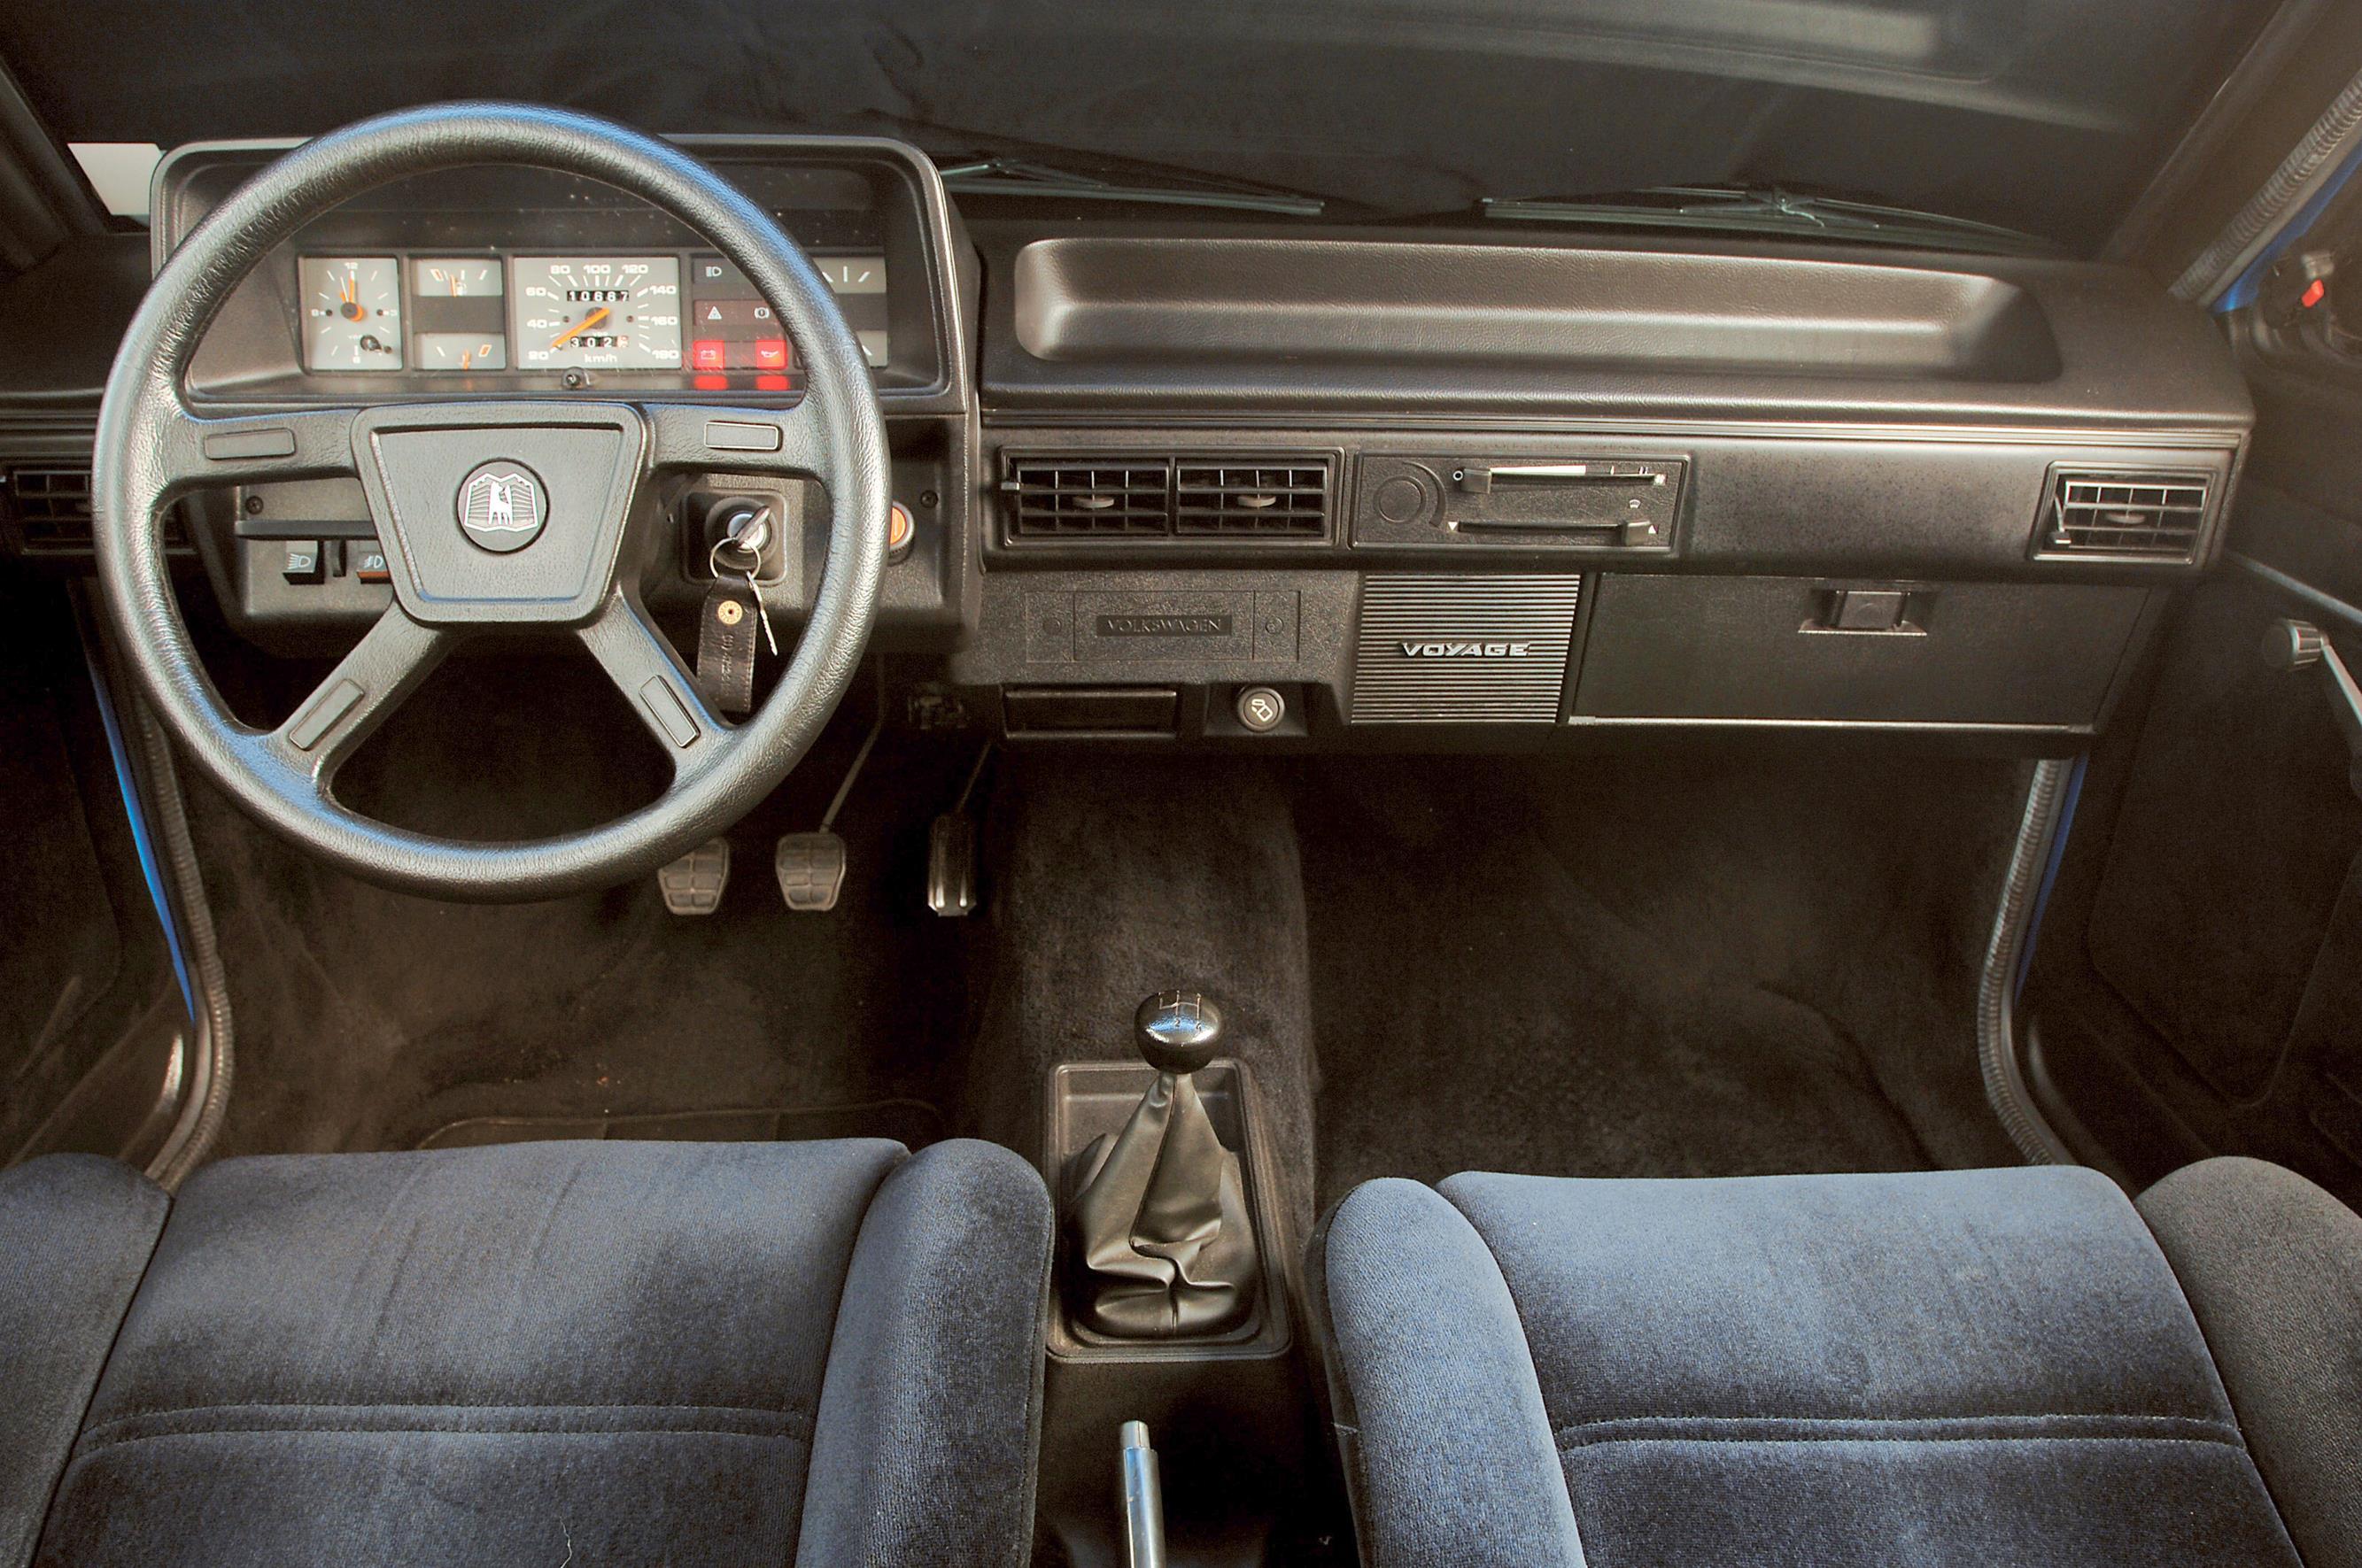 Volkswagen Voyage Los Angeles 1984